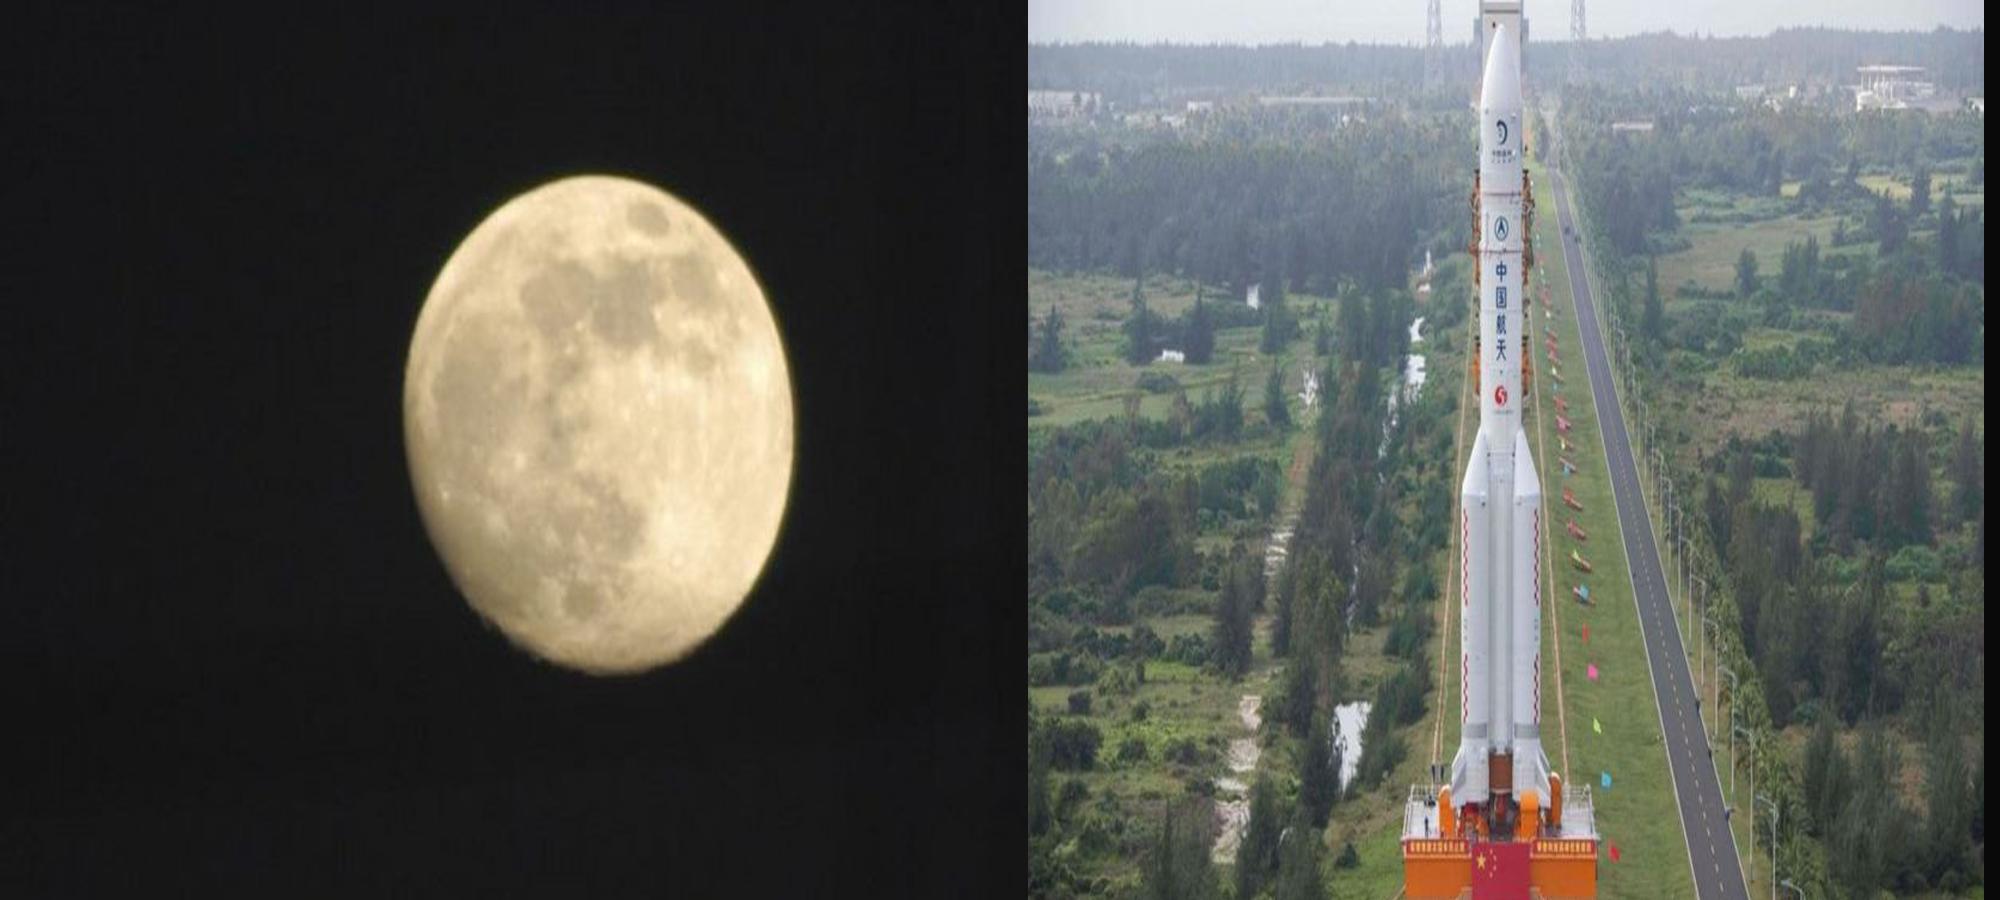 किन चन्द्रमाकाे ढुङ्गा पृथ्वीमा ल्याउन चाहन्छ चीन ?